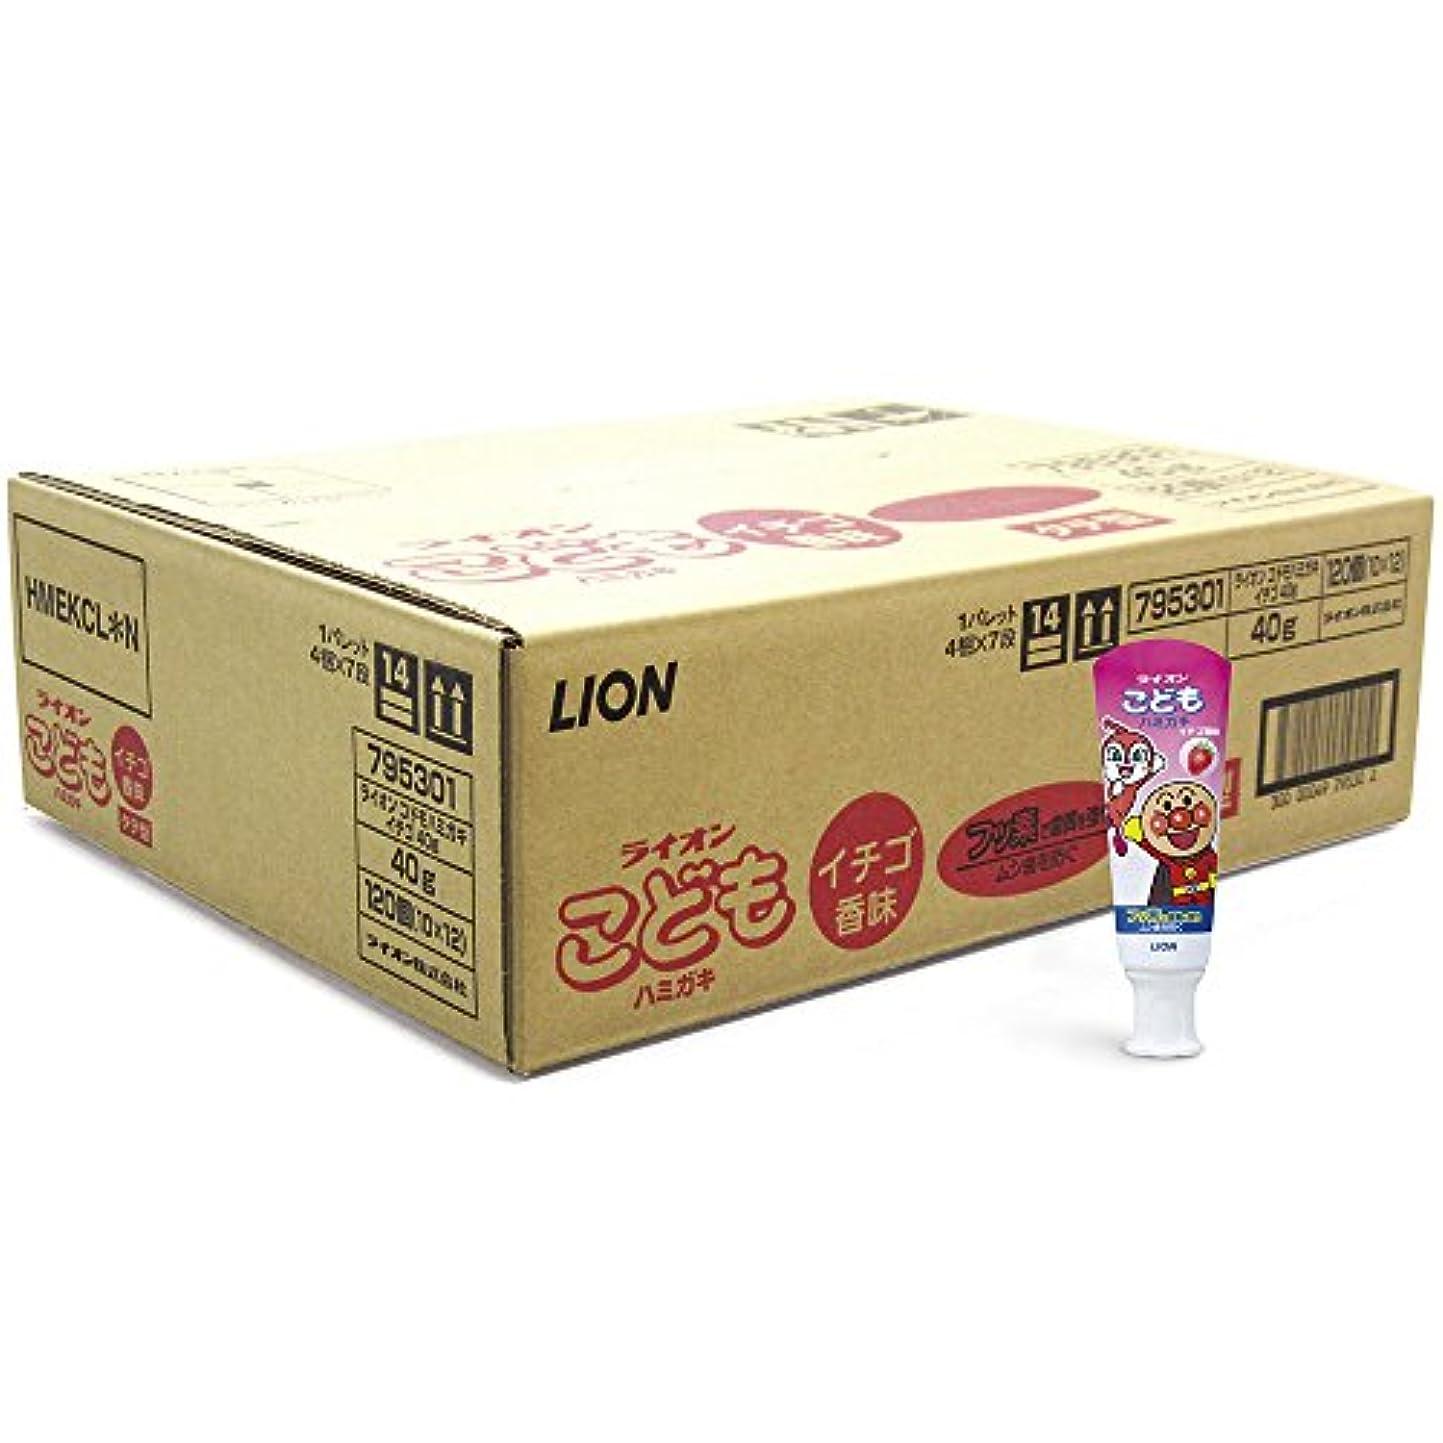 責任予測する欲望【ケース販売】ライオン こどもハミガキ アンパンマン イチゴ香味 40g×120個パック (医薬部外品)